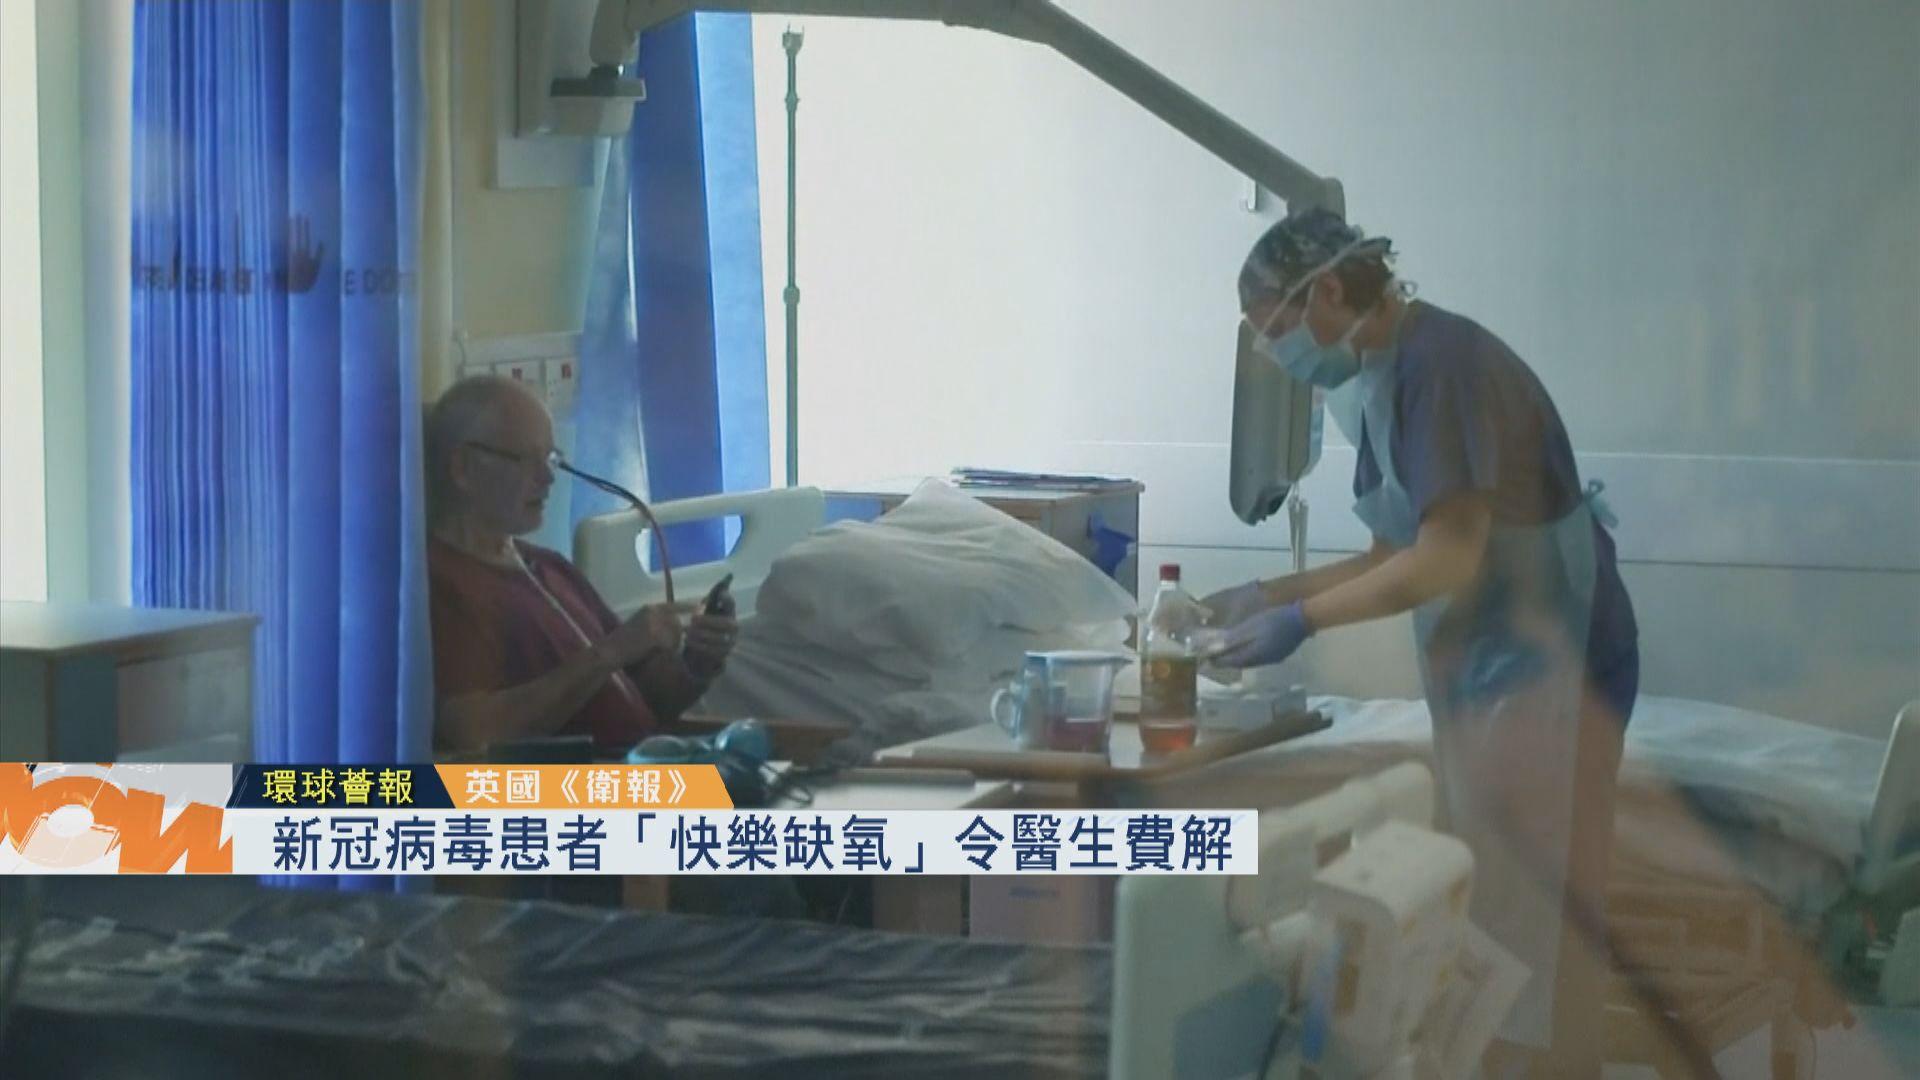 【環球薈報】新冠病毒患者「快樂缺氧」令醫生費解